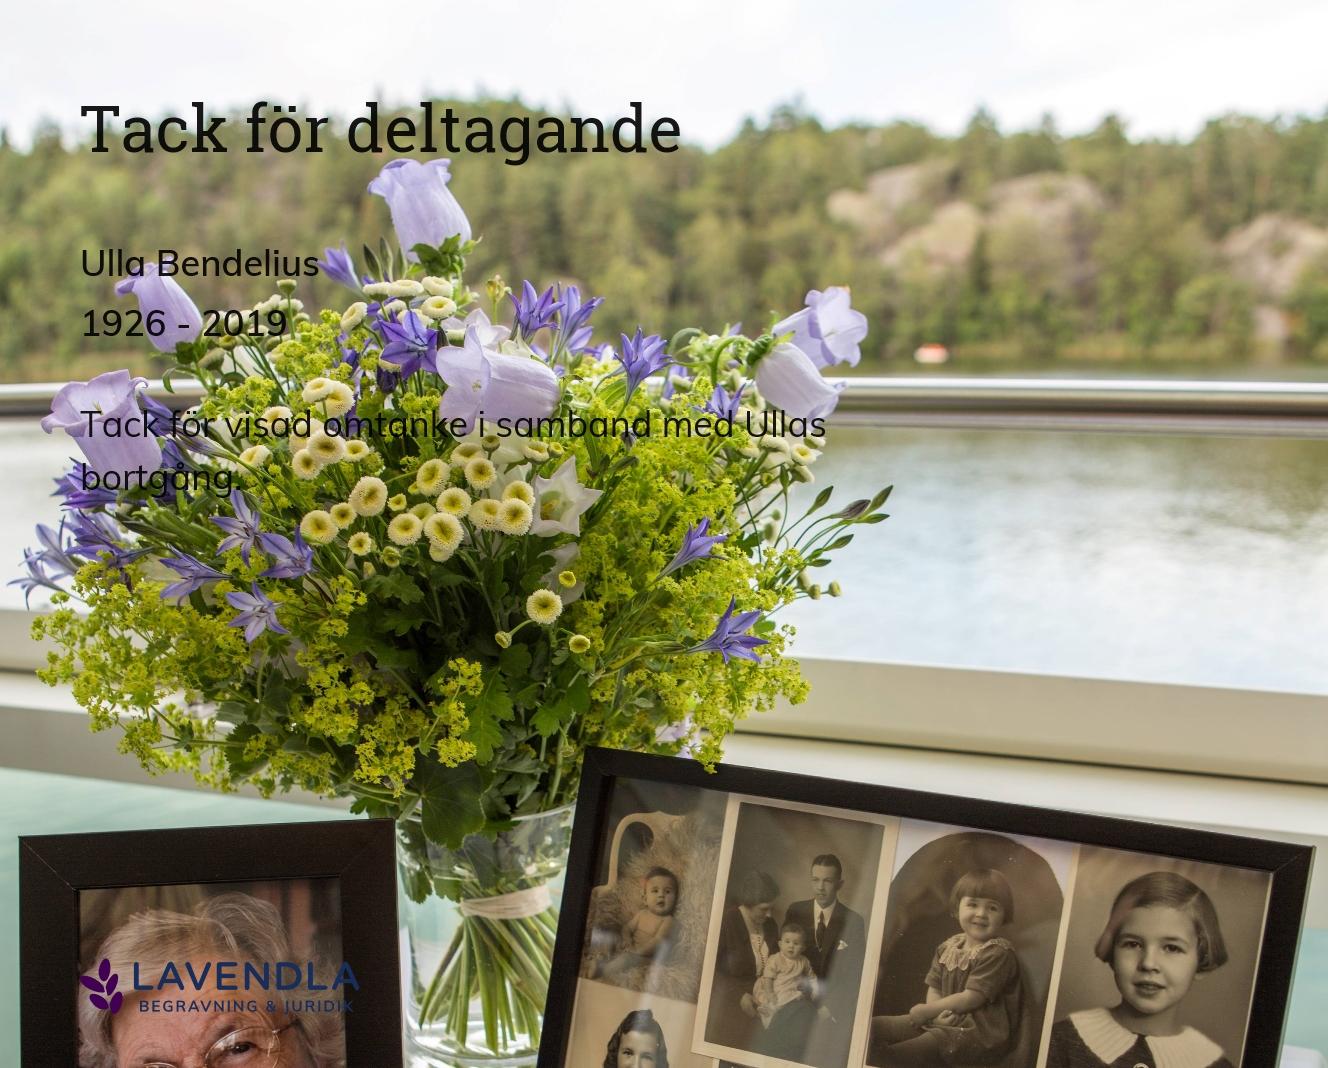 Inbjudningskort till ceremonin för Ulla Bendelius